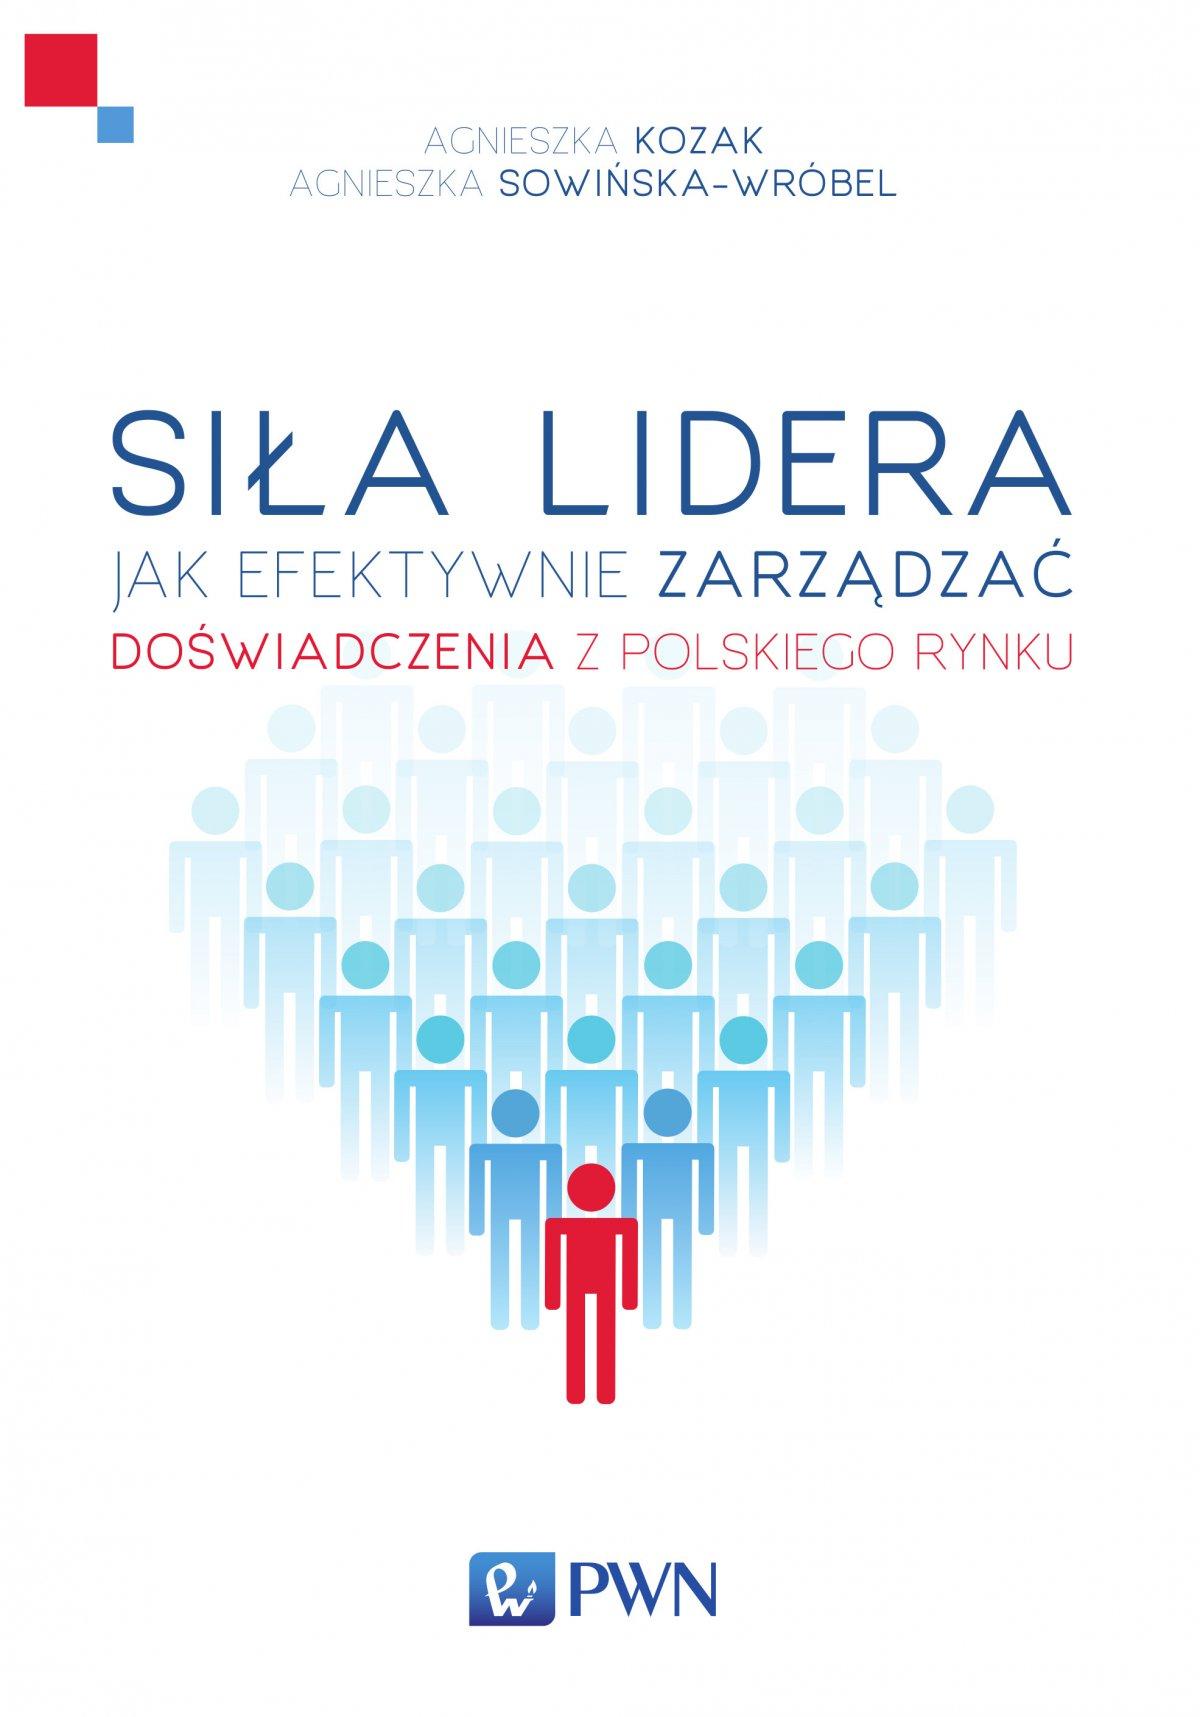 Siła lidera. Jak efektywnie zarządzać. Doświadczenia z polskiego rynku - Ebook (Książka na Kindle) do pobrania w formacie MOBI